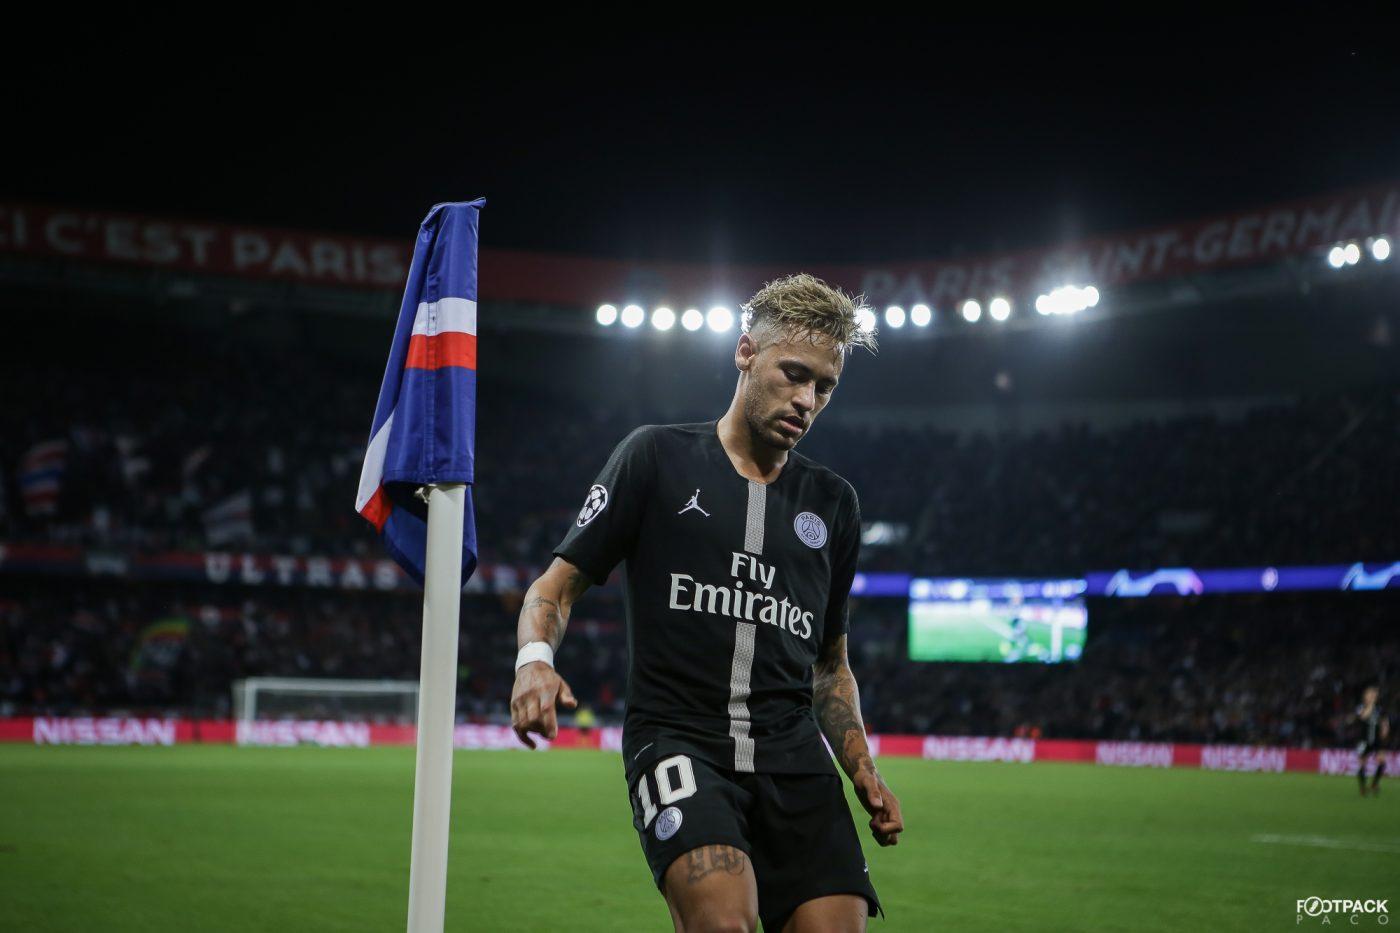 neymar-maillot-jordan-psg-naples-footpack